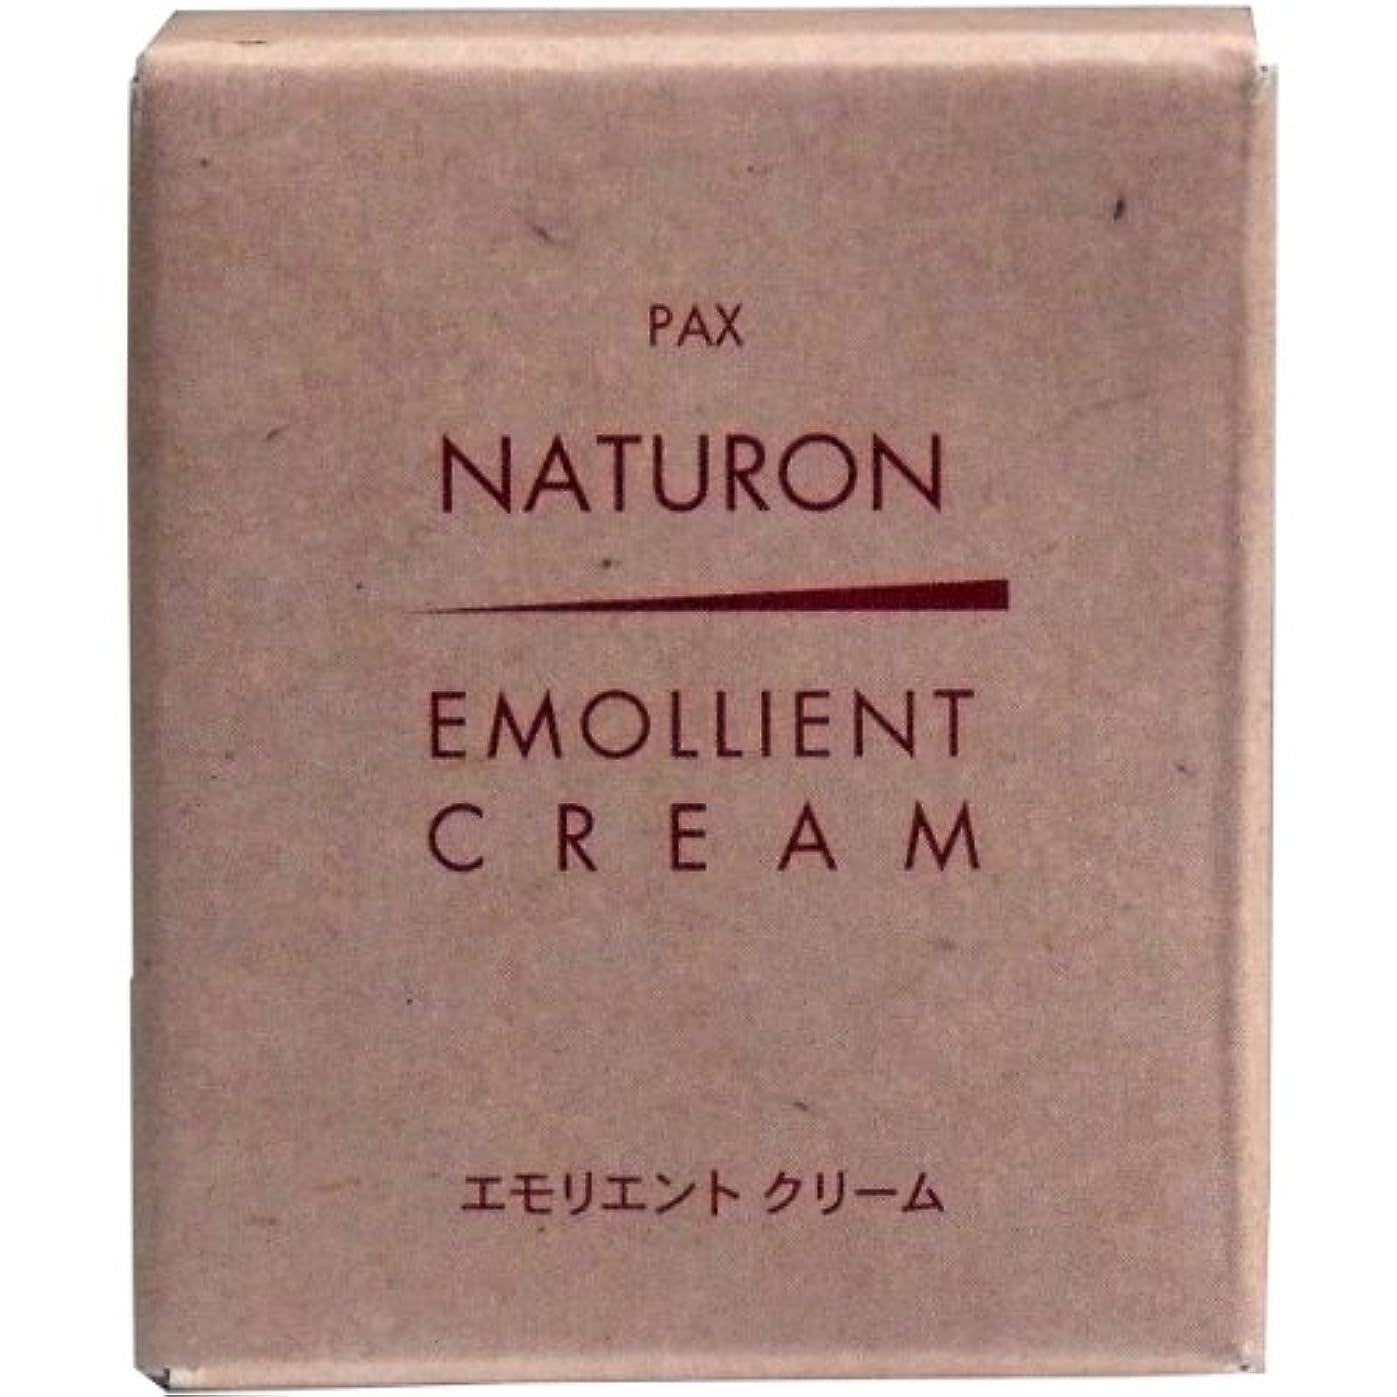 乳白色下に栄養【セット品】パックスナチュロン エモリエントクリーム (保湿クリーム) 35g ×3個